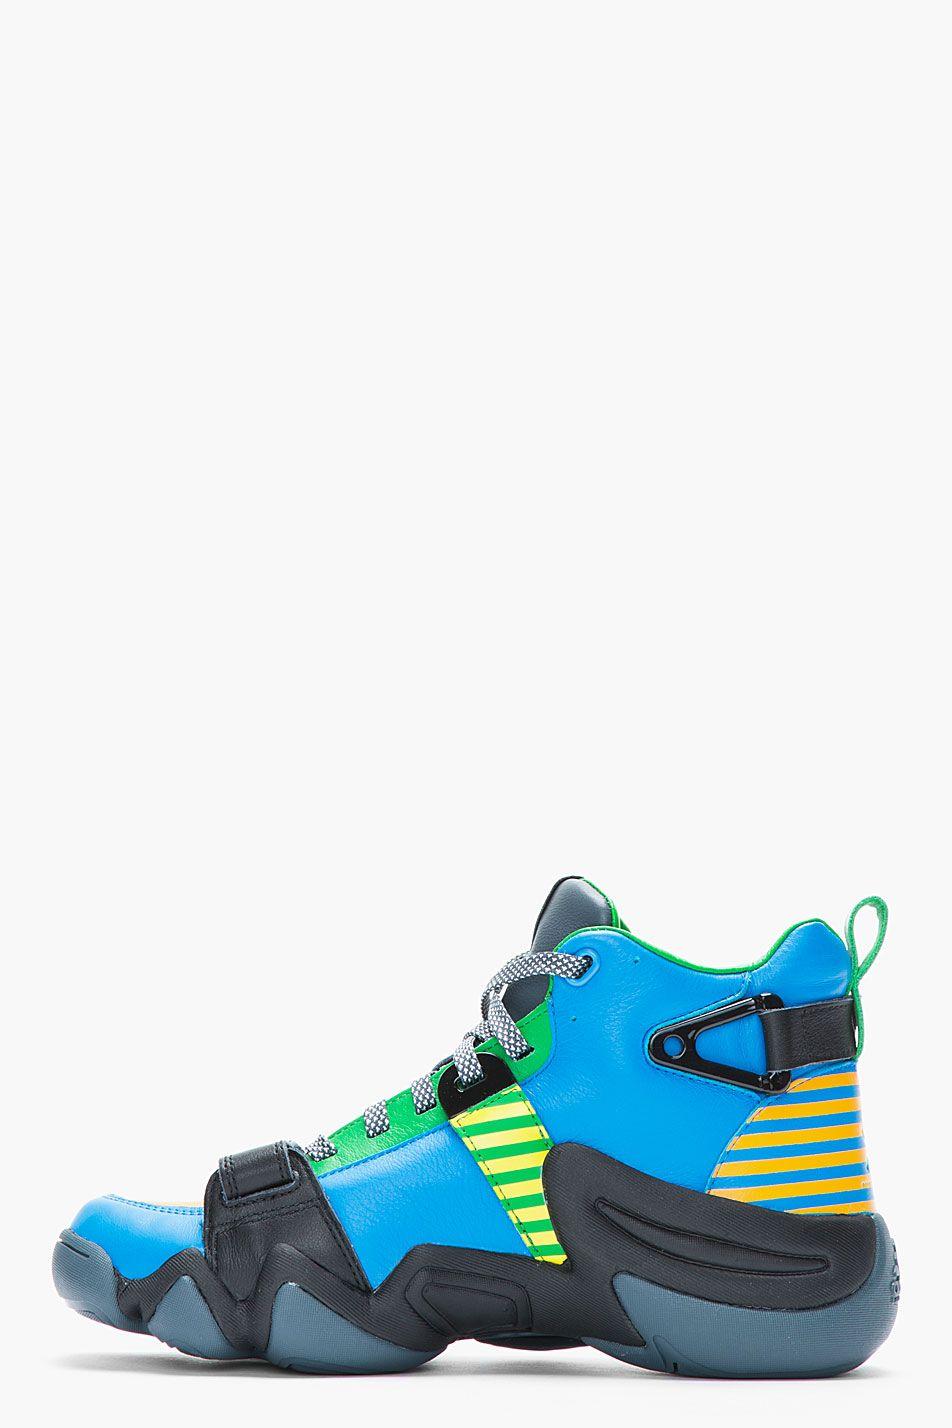 984d36574c3 ADIDAS ORIGINALS BY O.C. azul and and azul green leather Crazy 8 Tennis  sapatos 0c4550